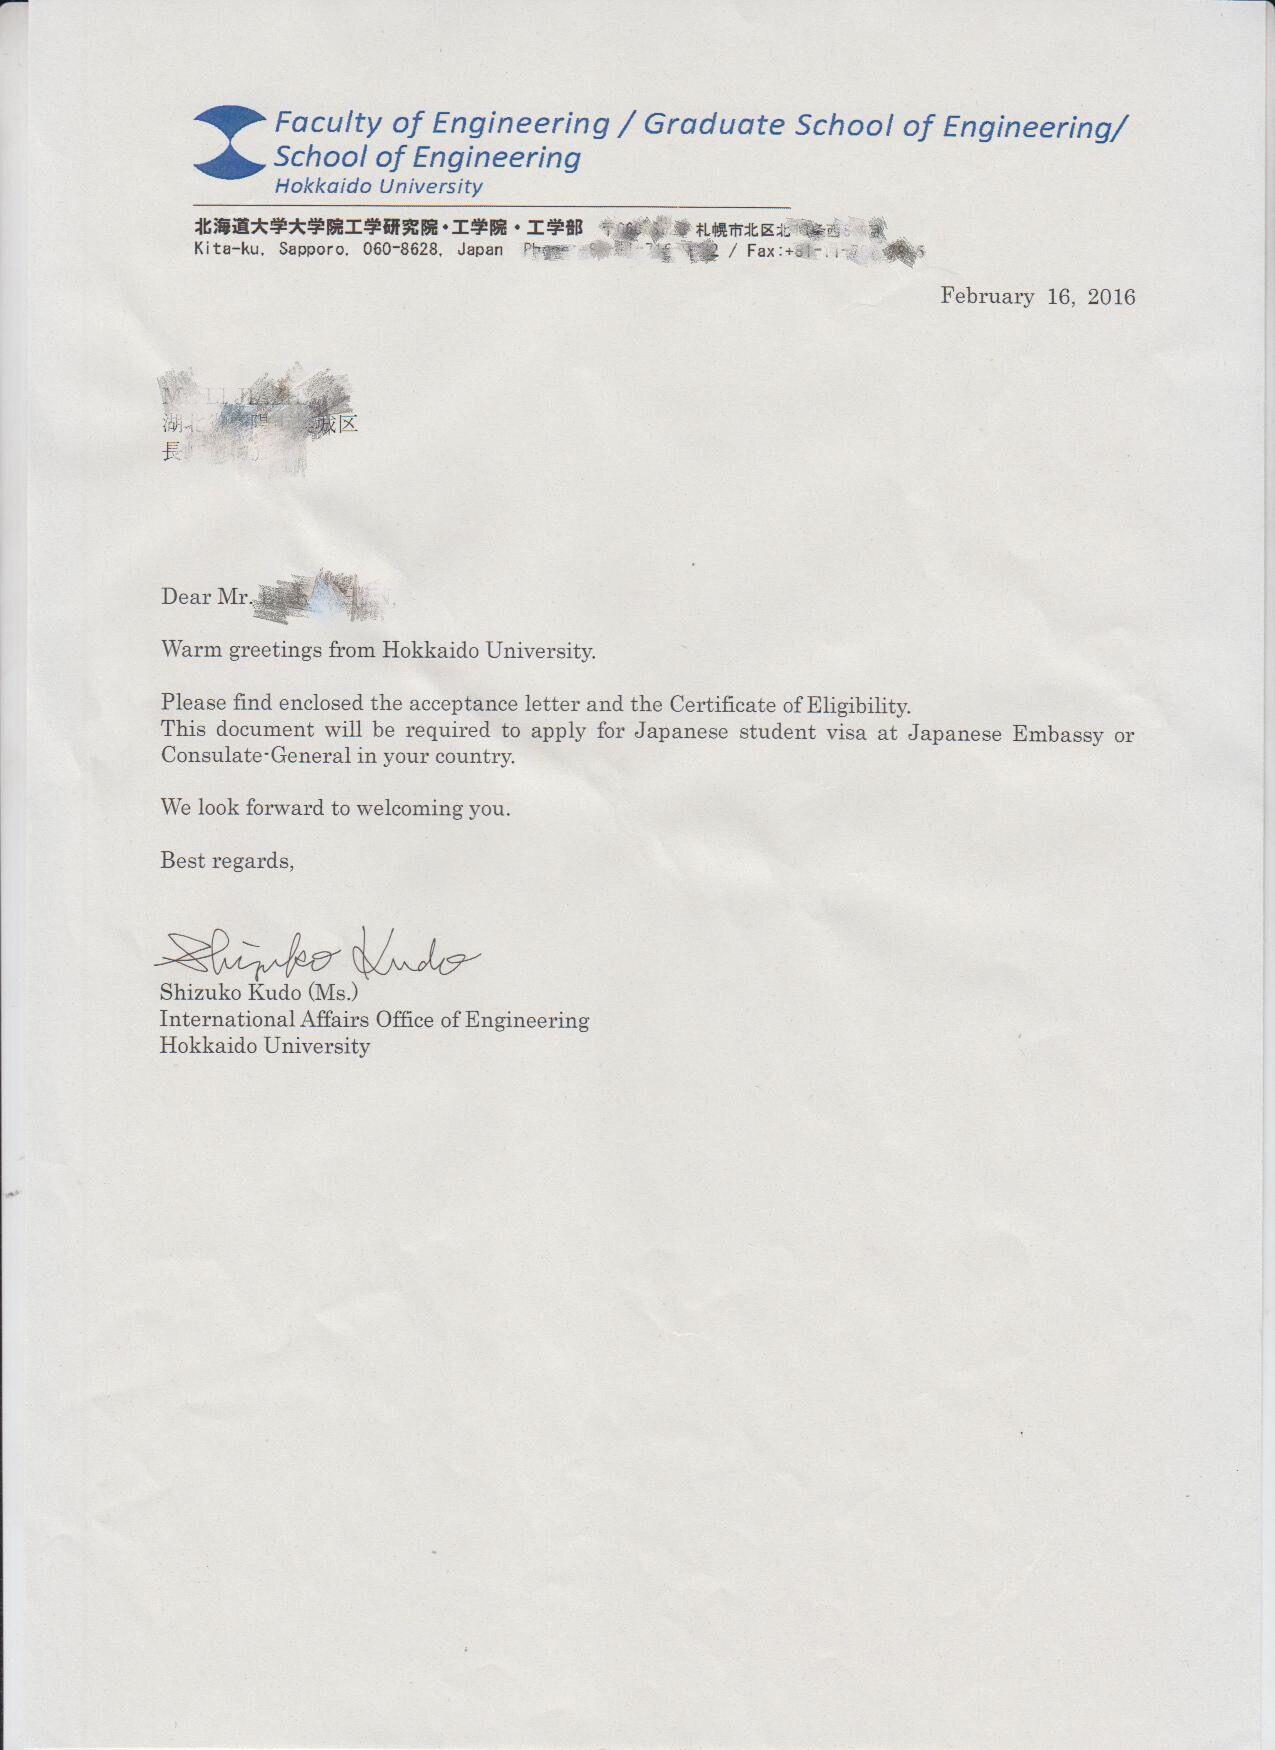 【理工科】北海道大学信息理工学专业硕士申请成功